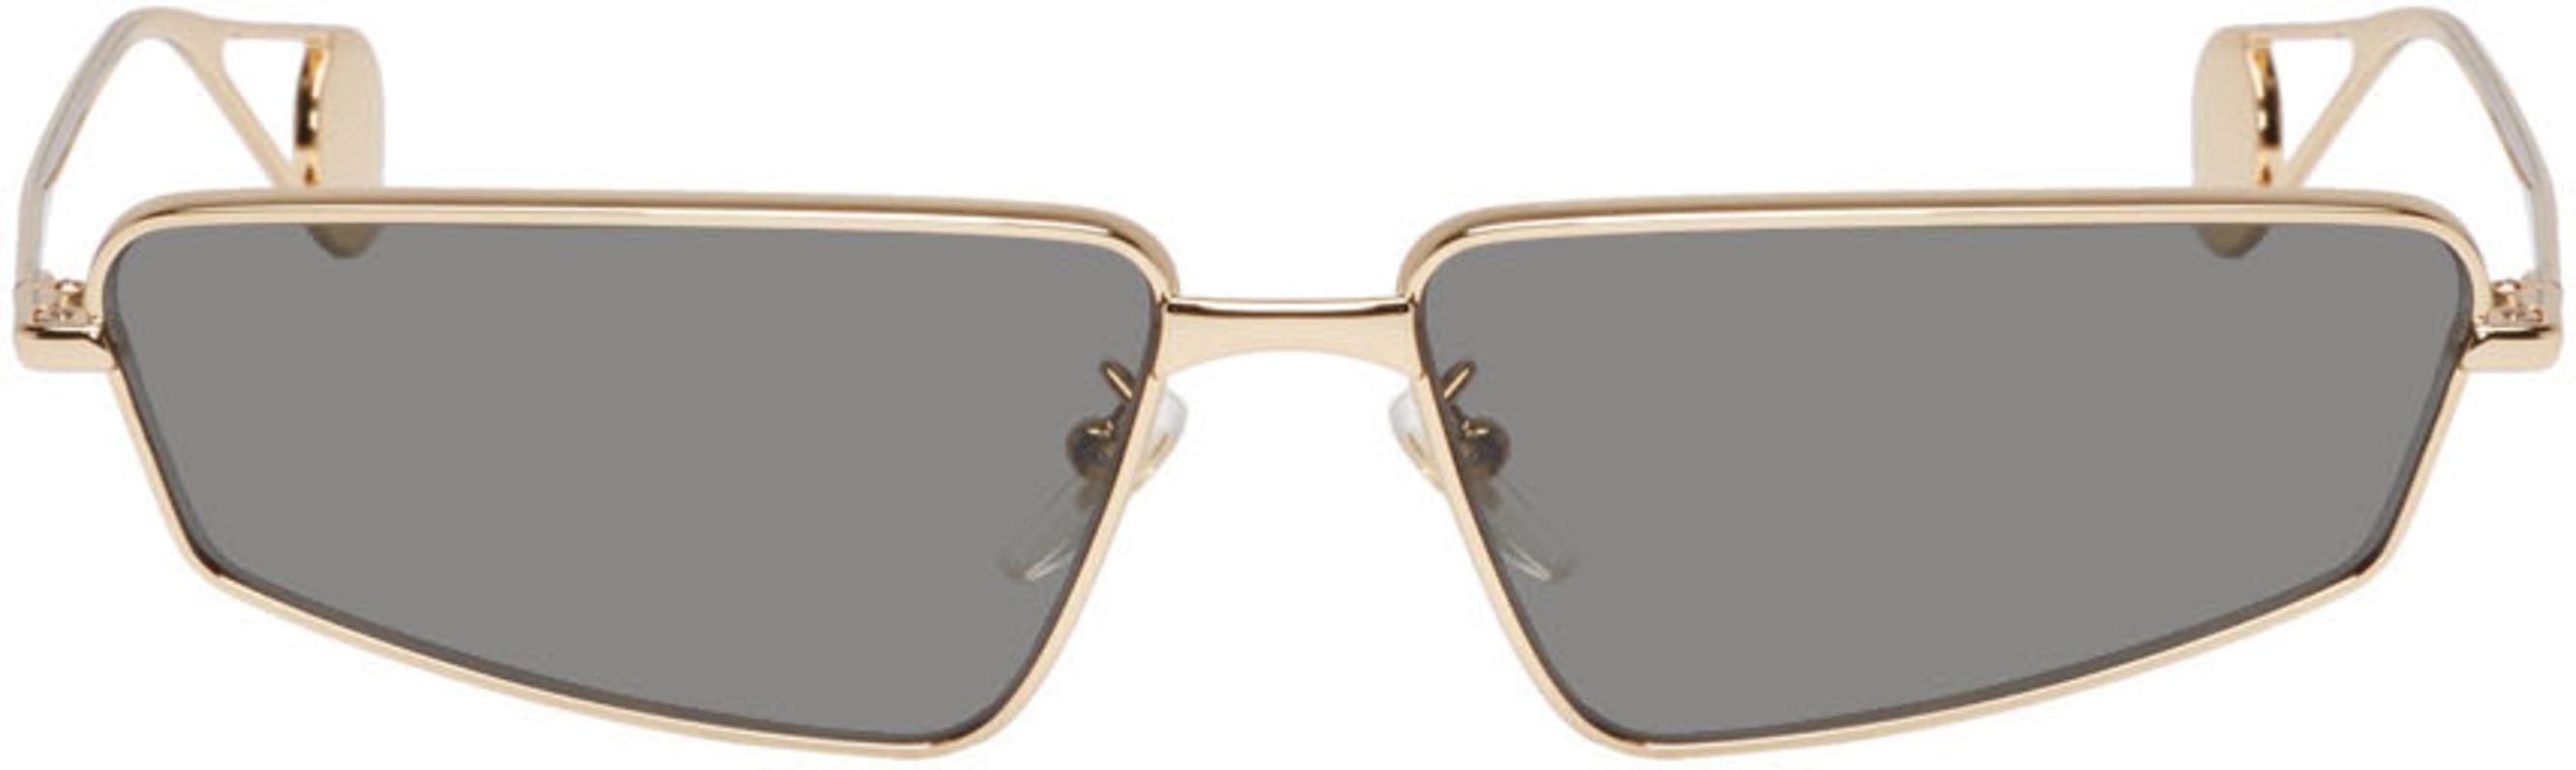 d53dfeda17 Gucci sunglasses for Men